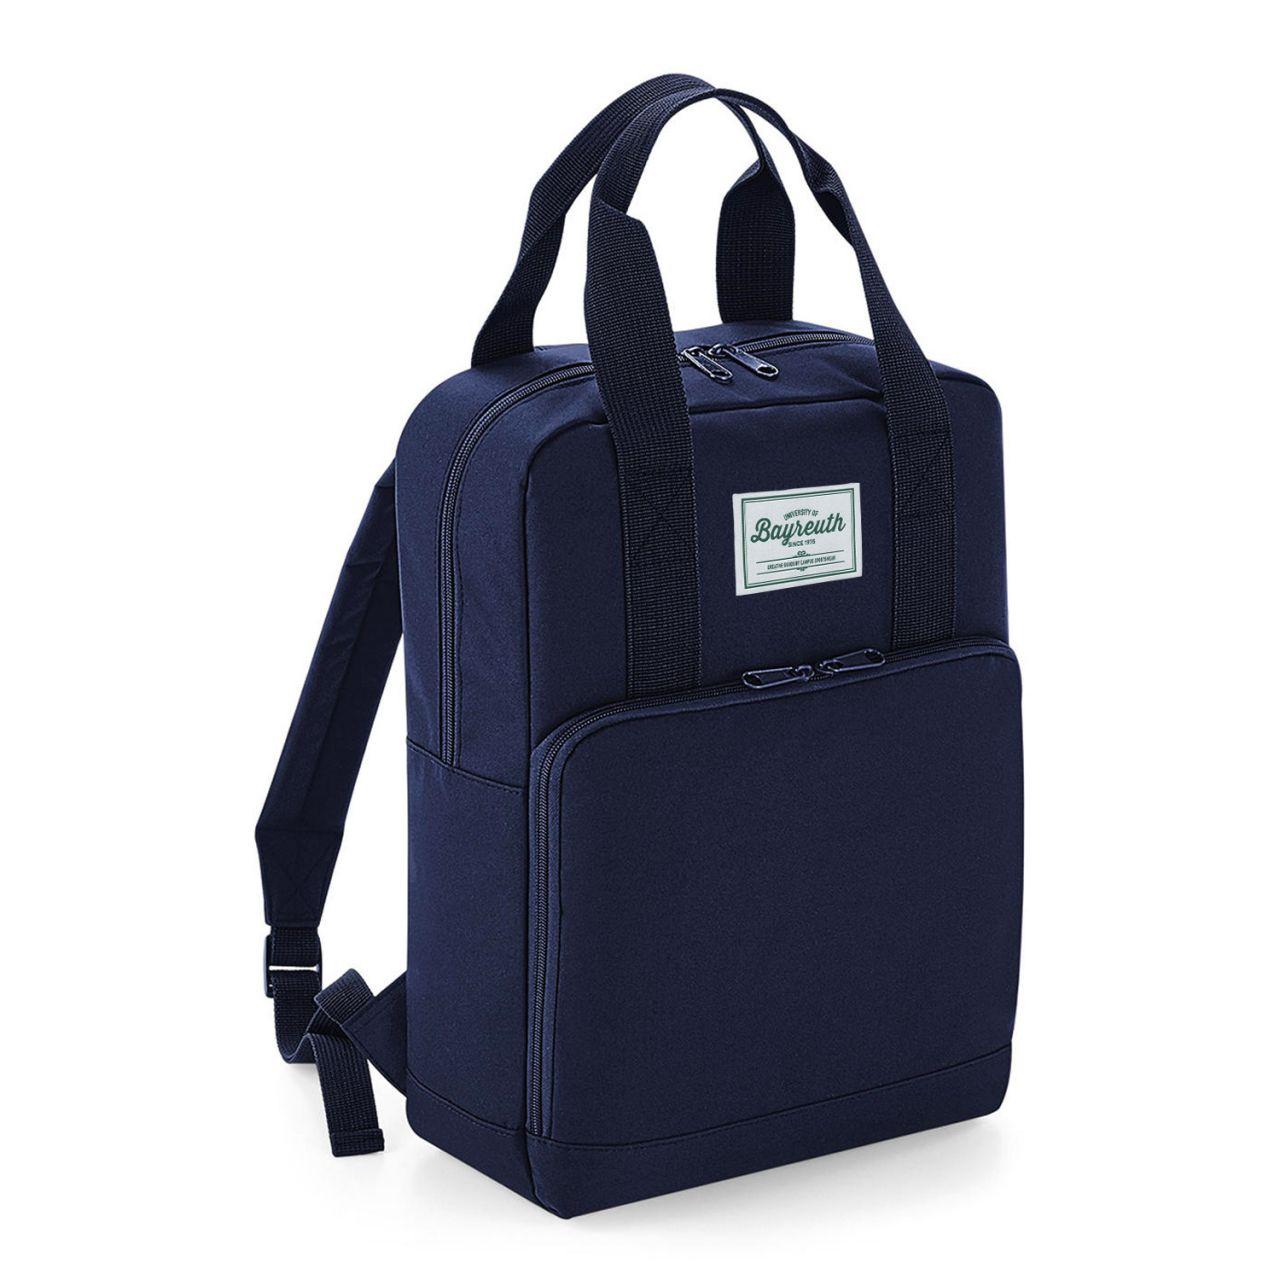 Backpack, navy, label